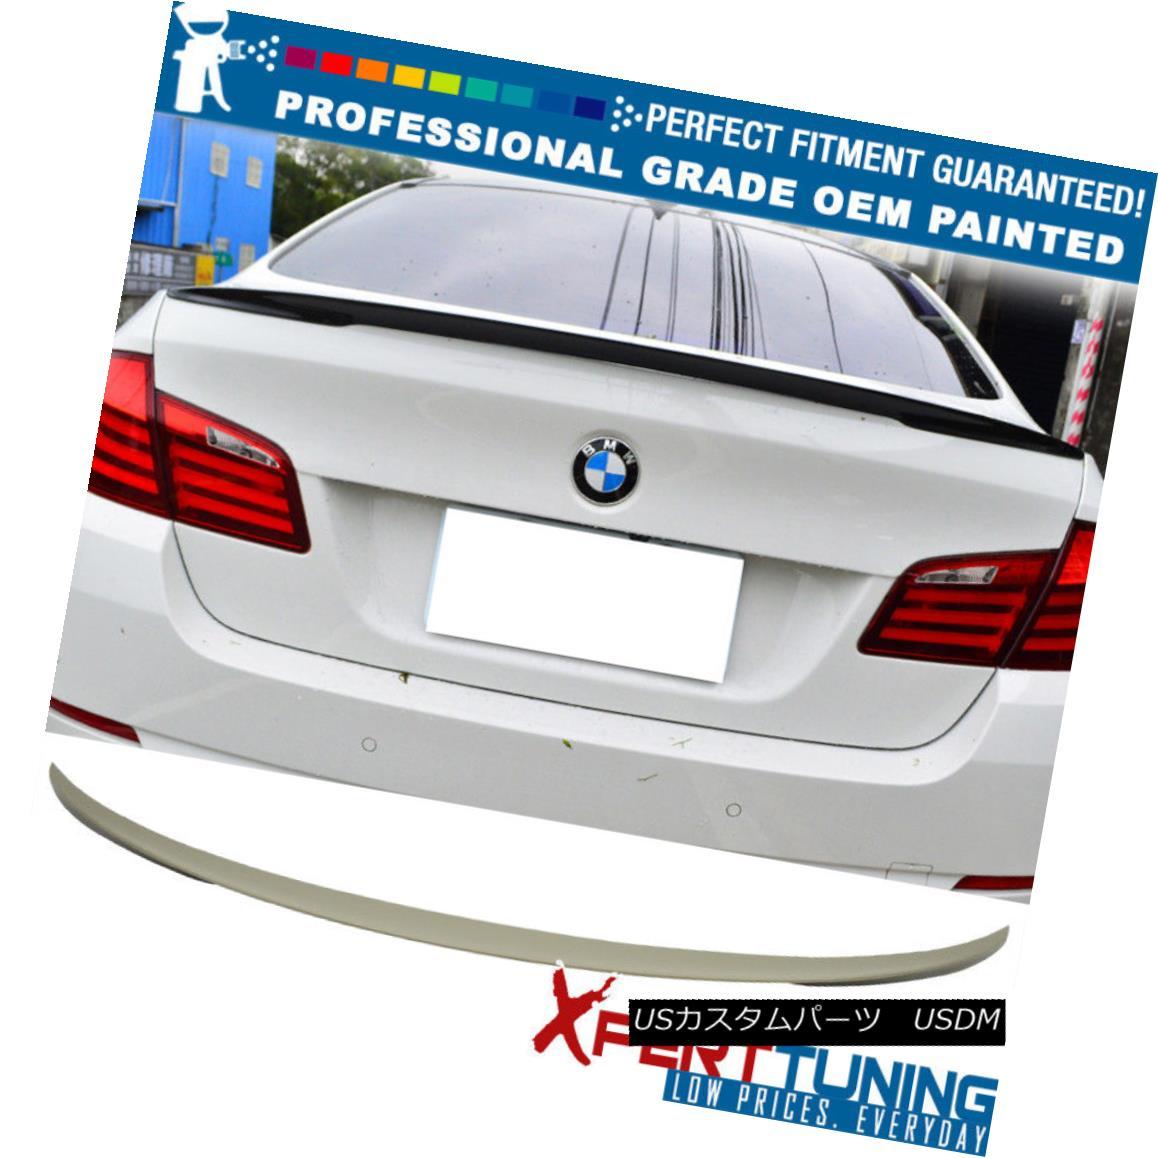 エアロパーツ 11-16 5-Series F10 4Dr P Style Painted ABS Trunk Spoiler - OEM Painted Color 11-16 5シリーズF10 4Dr Pスタイル塗装ABSトランク・スポイラー - OEM塗装カラー